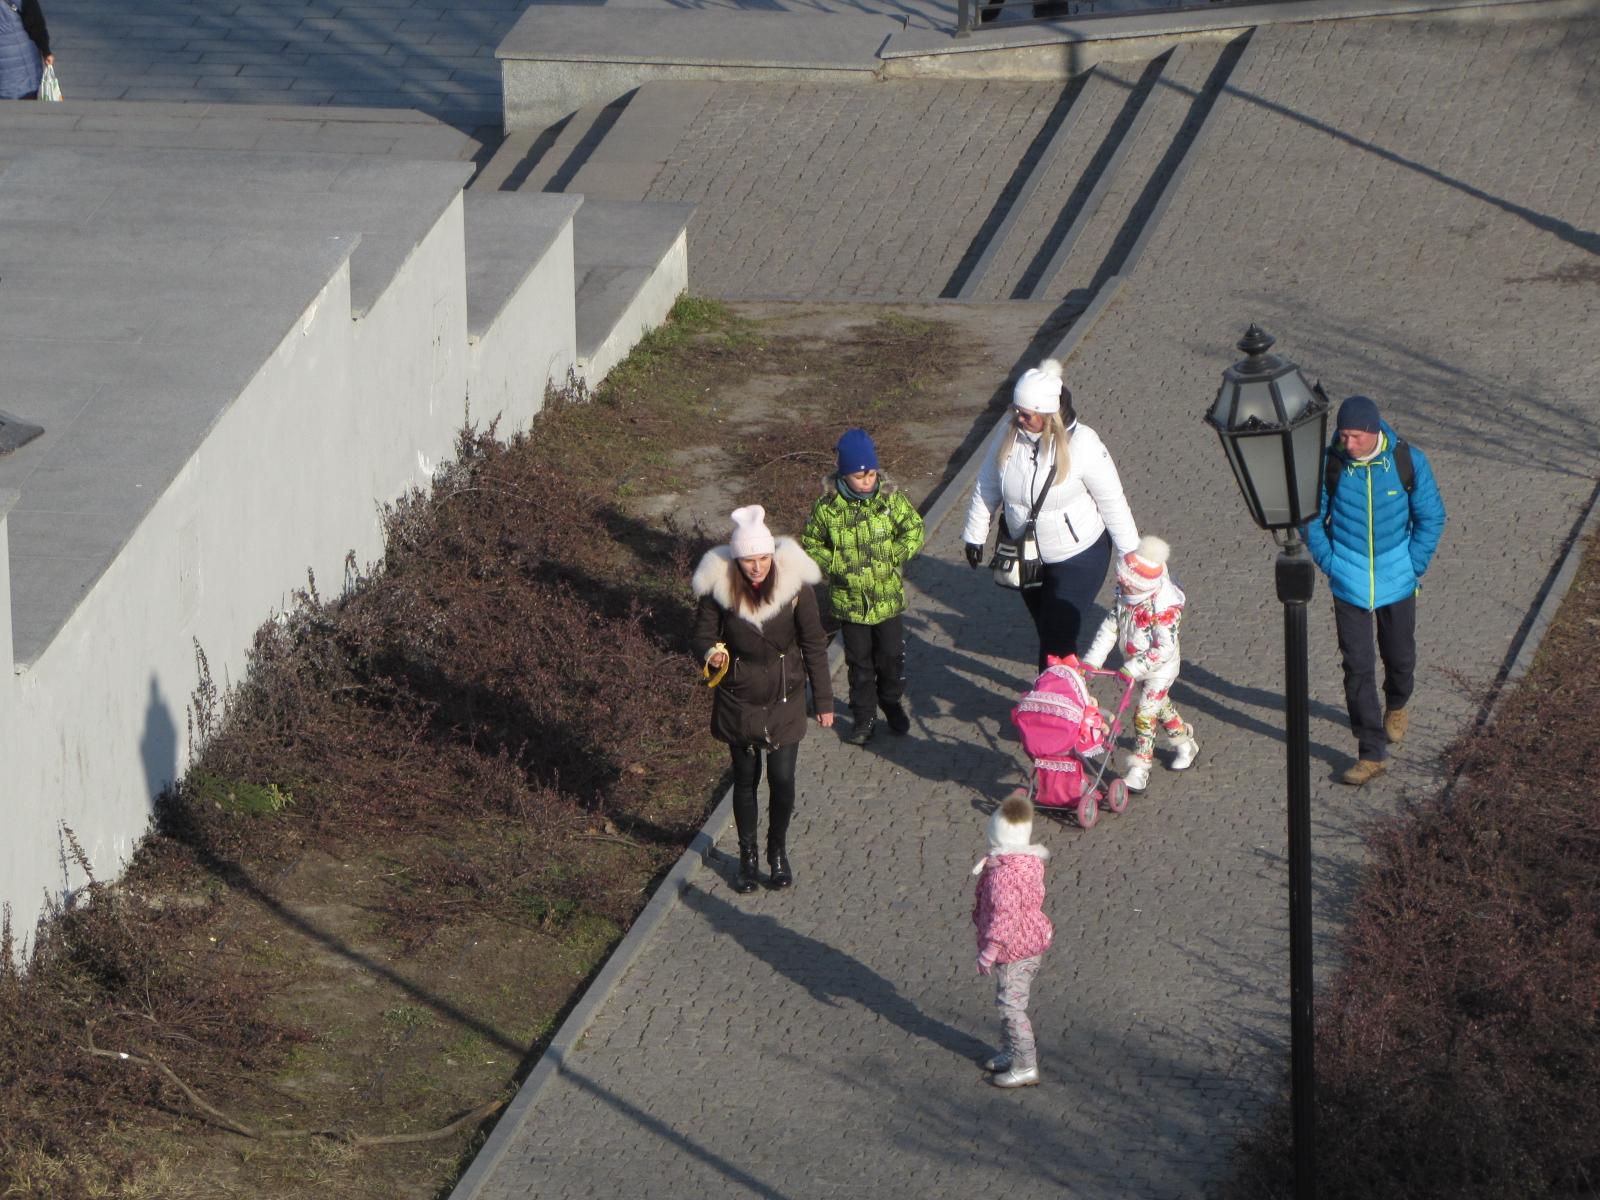 Пройтись по парку - хорошая альтернатива канатной дороге, да и не так тяжело